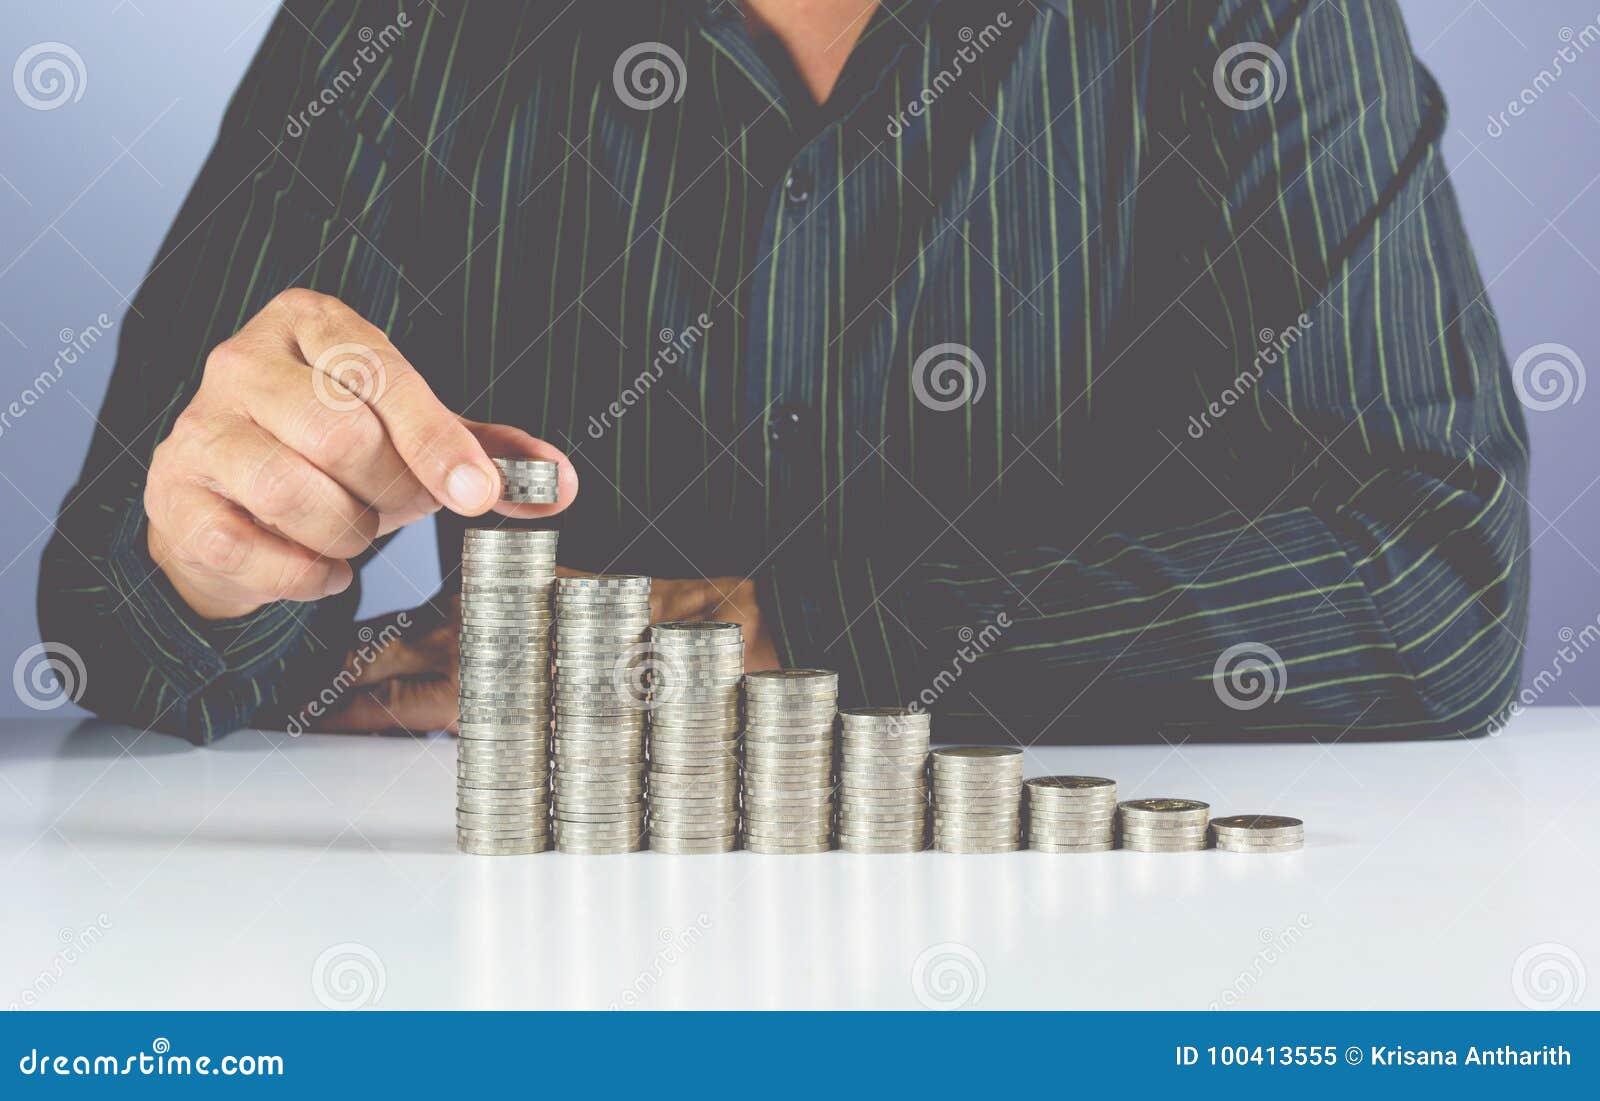 Het concept van het besparingsgeld en hand van zakenman die geldmuntstuk zetten